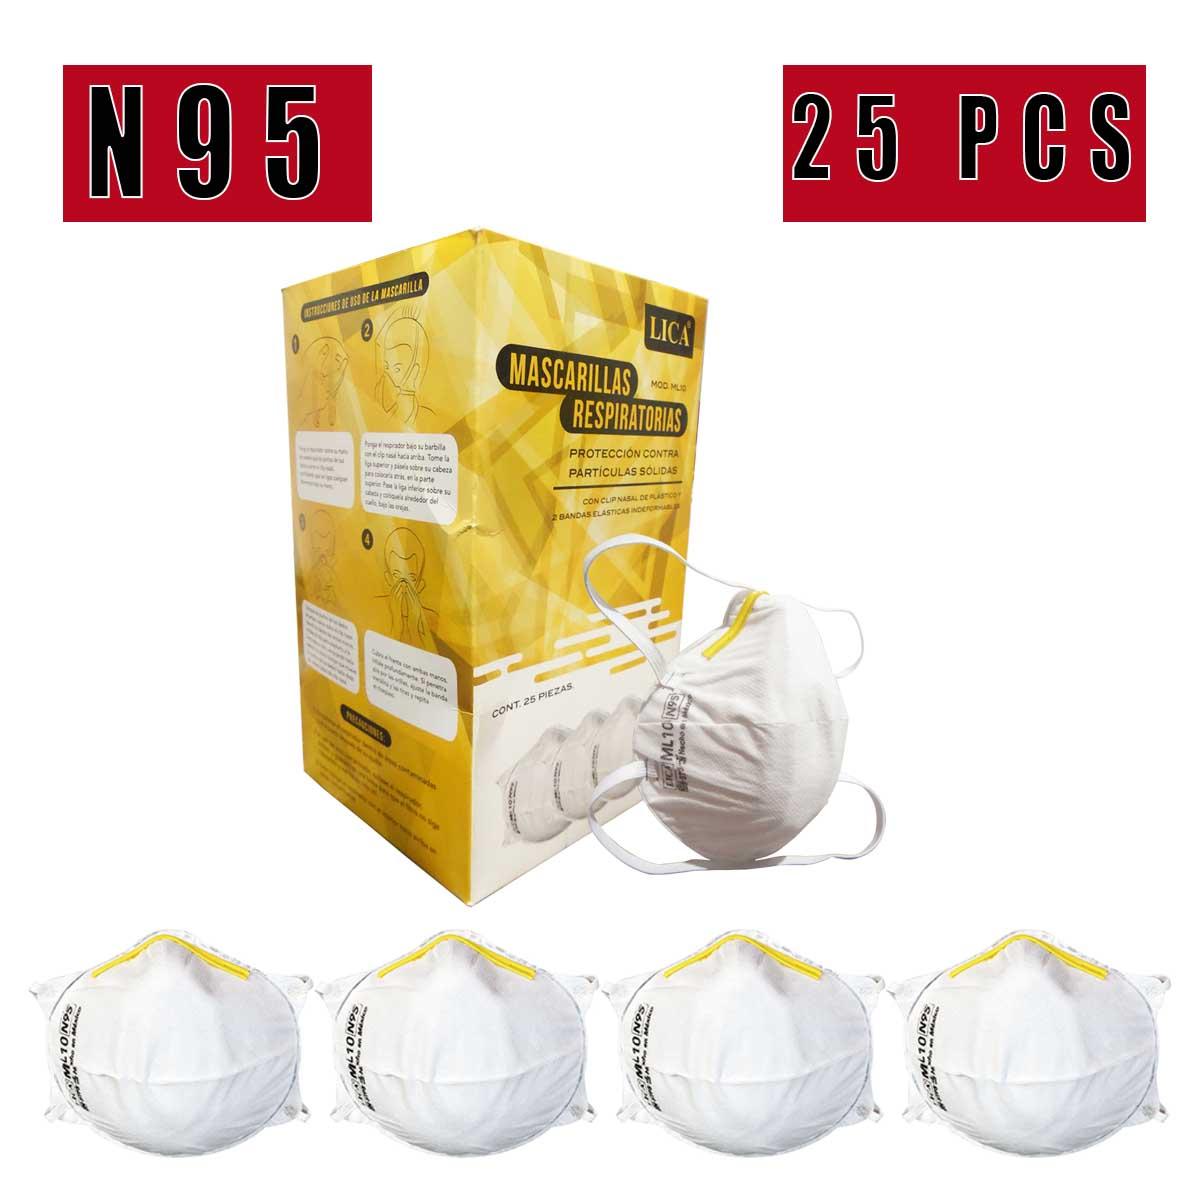 Mascarilla N95 Cubrebocas Caja Con 25 Piezas Industrial